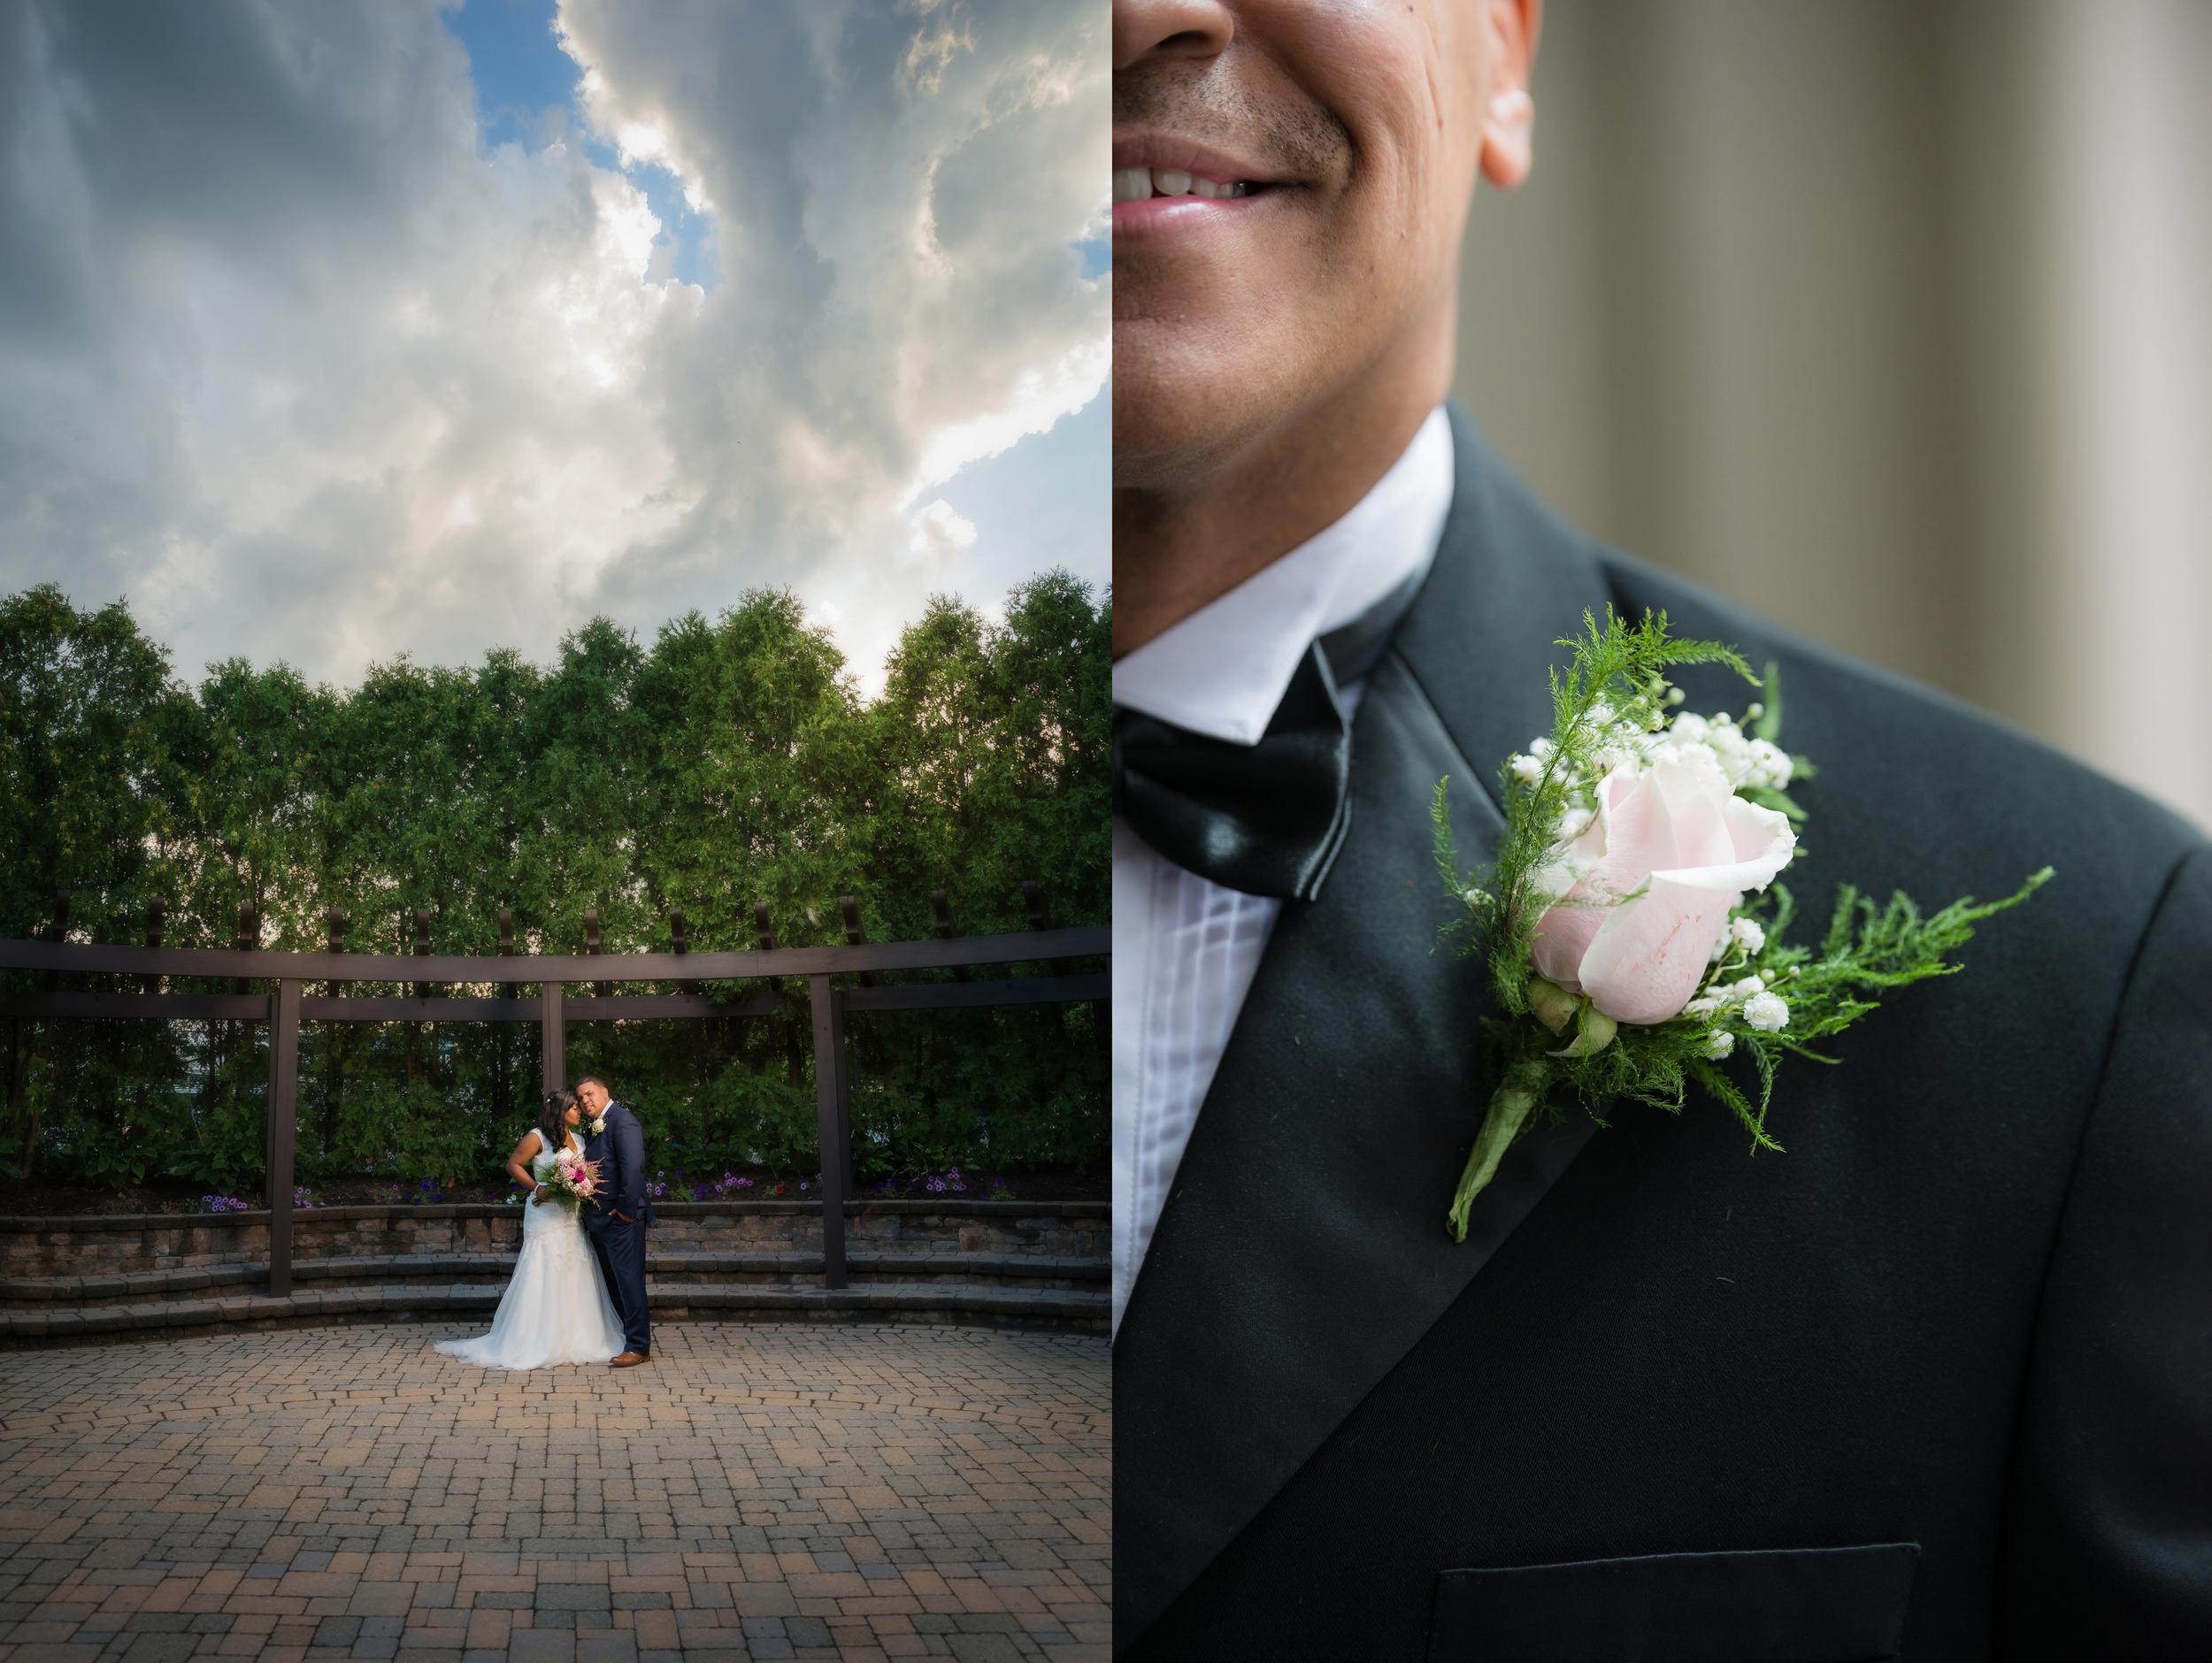 Isela-Josh-Wedding-Garcia-Photography-3850-3903.jpg